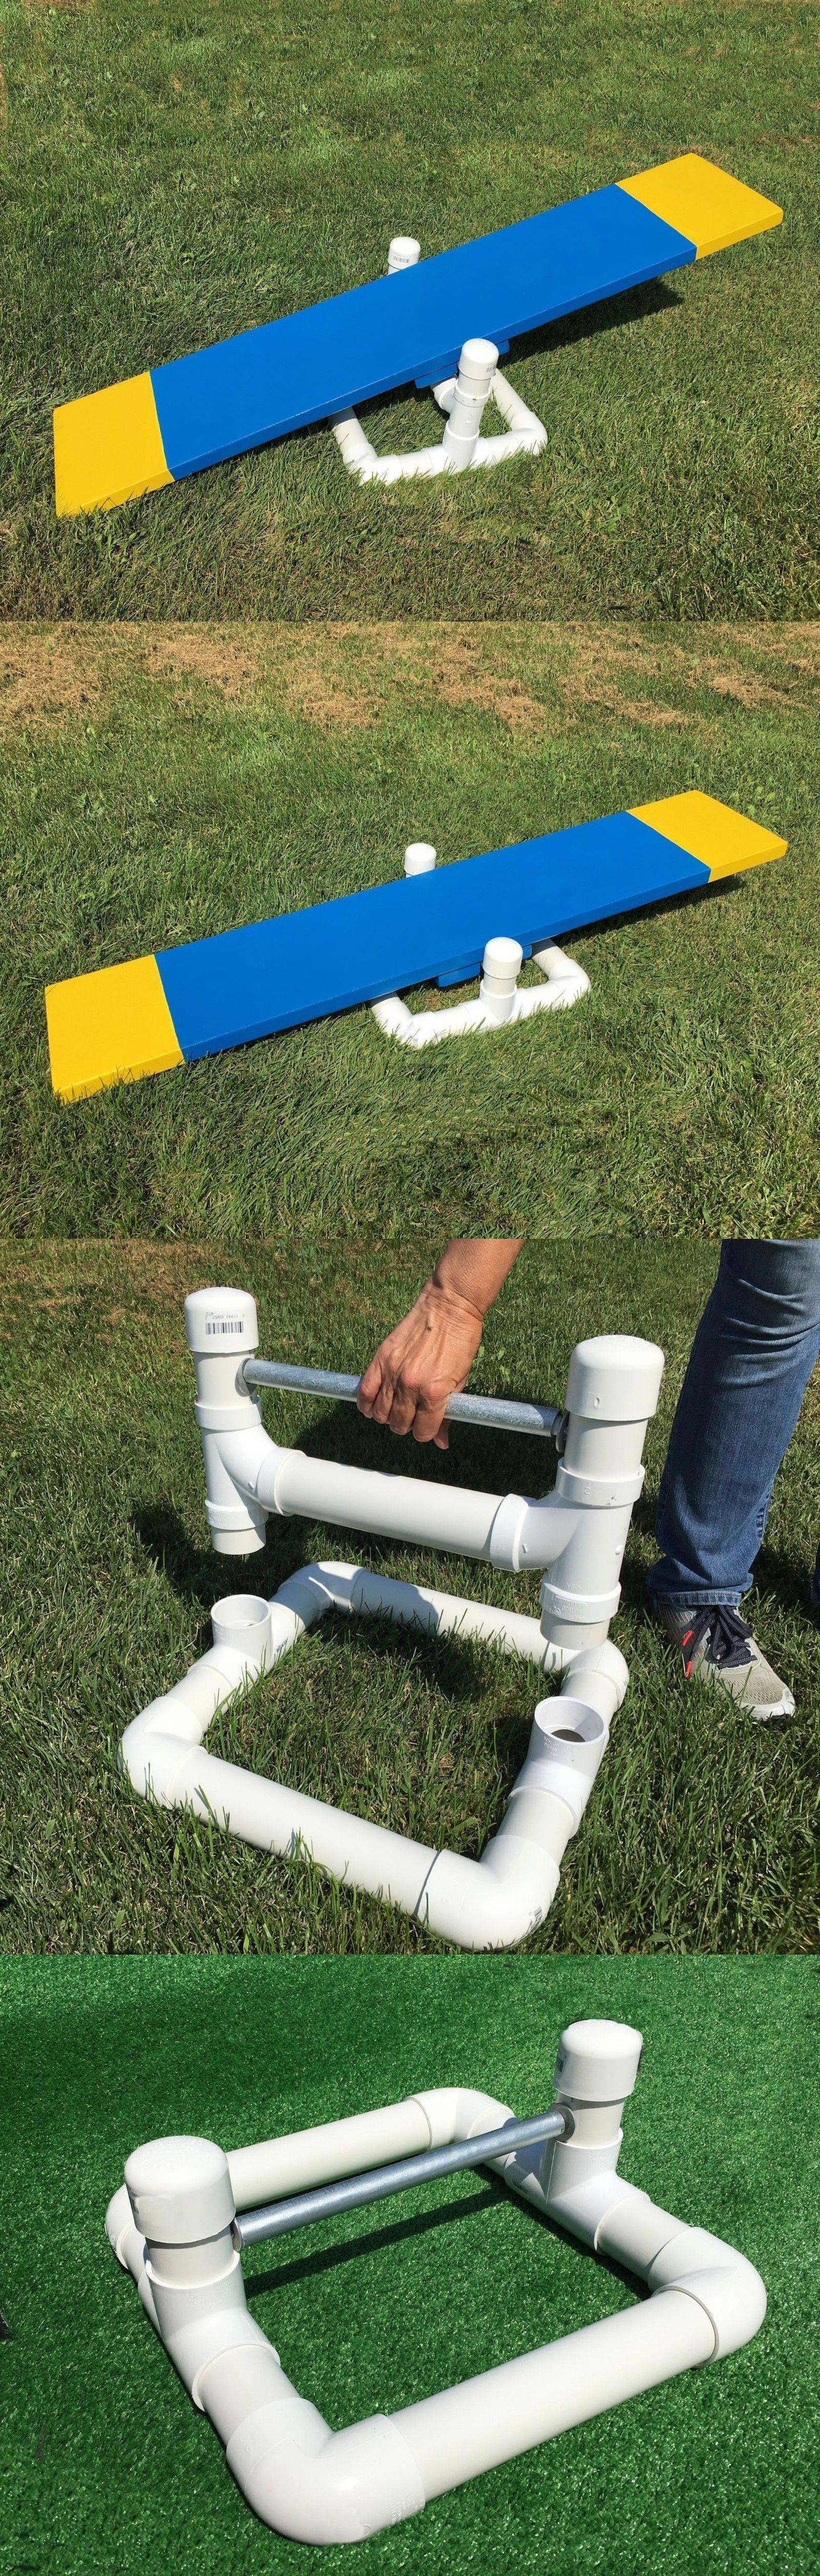 Agility training 116383 dog agility equipment teeter